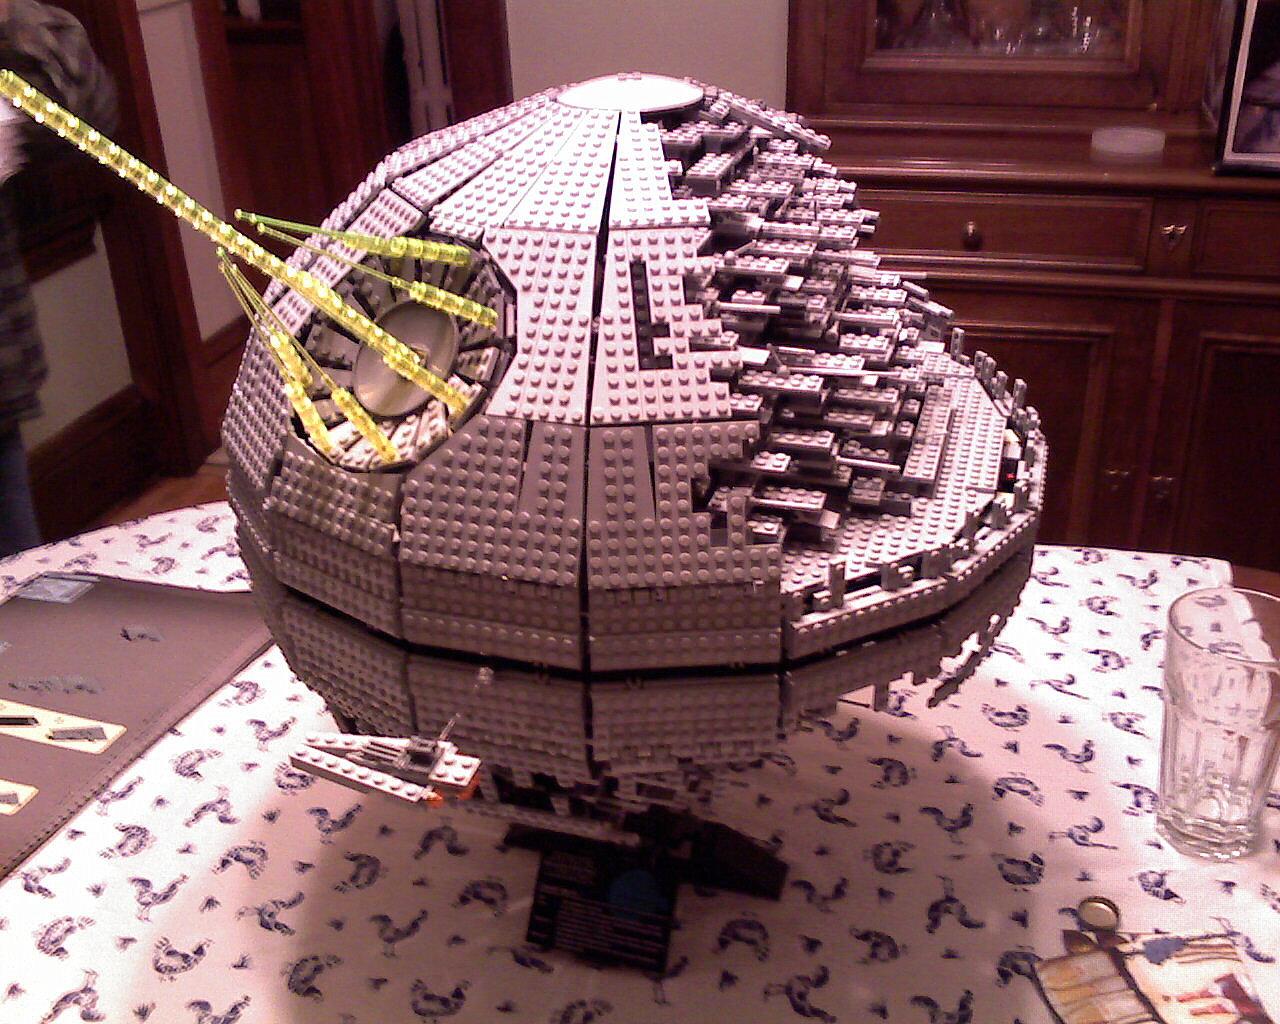 Lego Deathstar 2